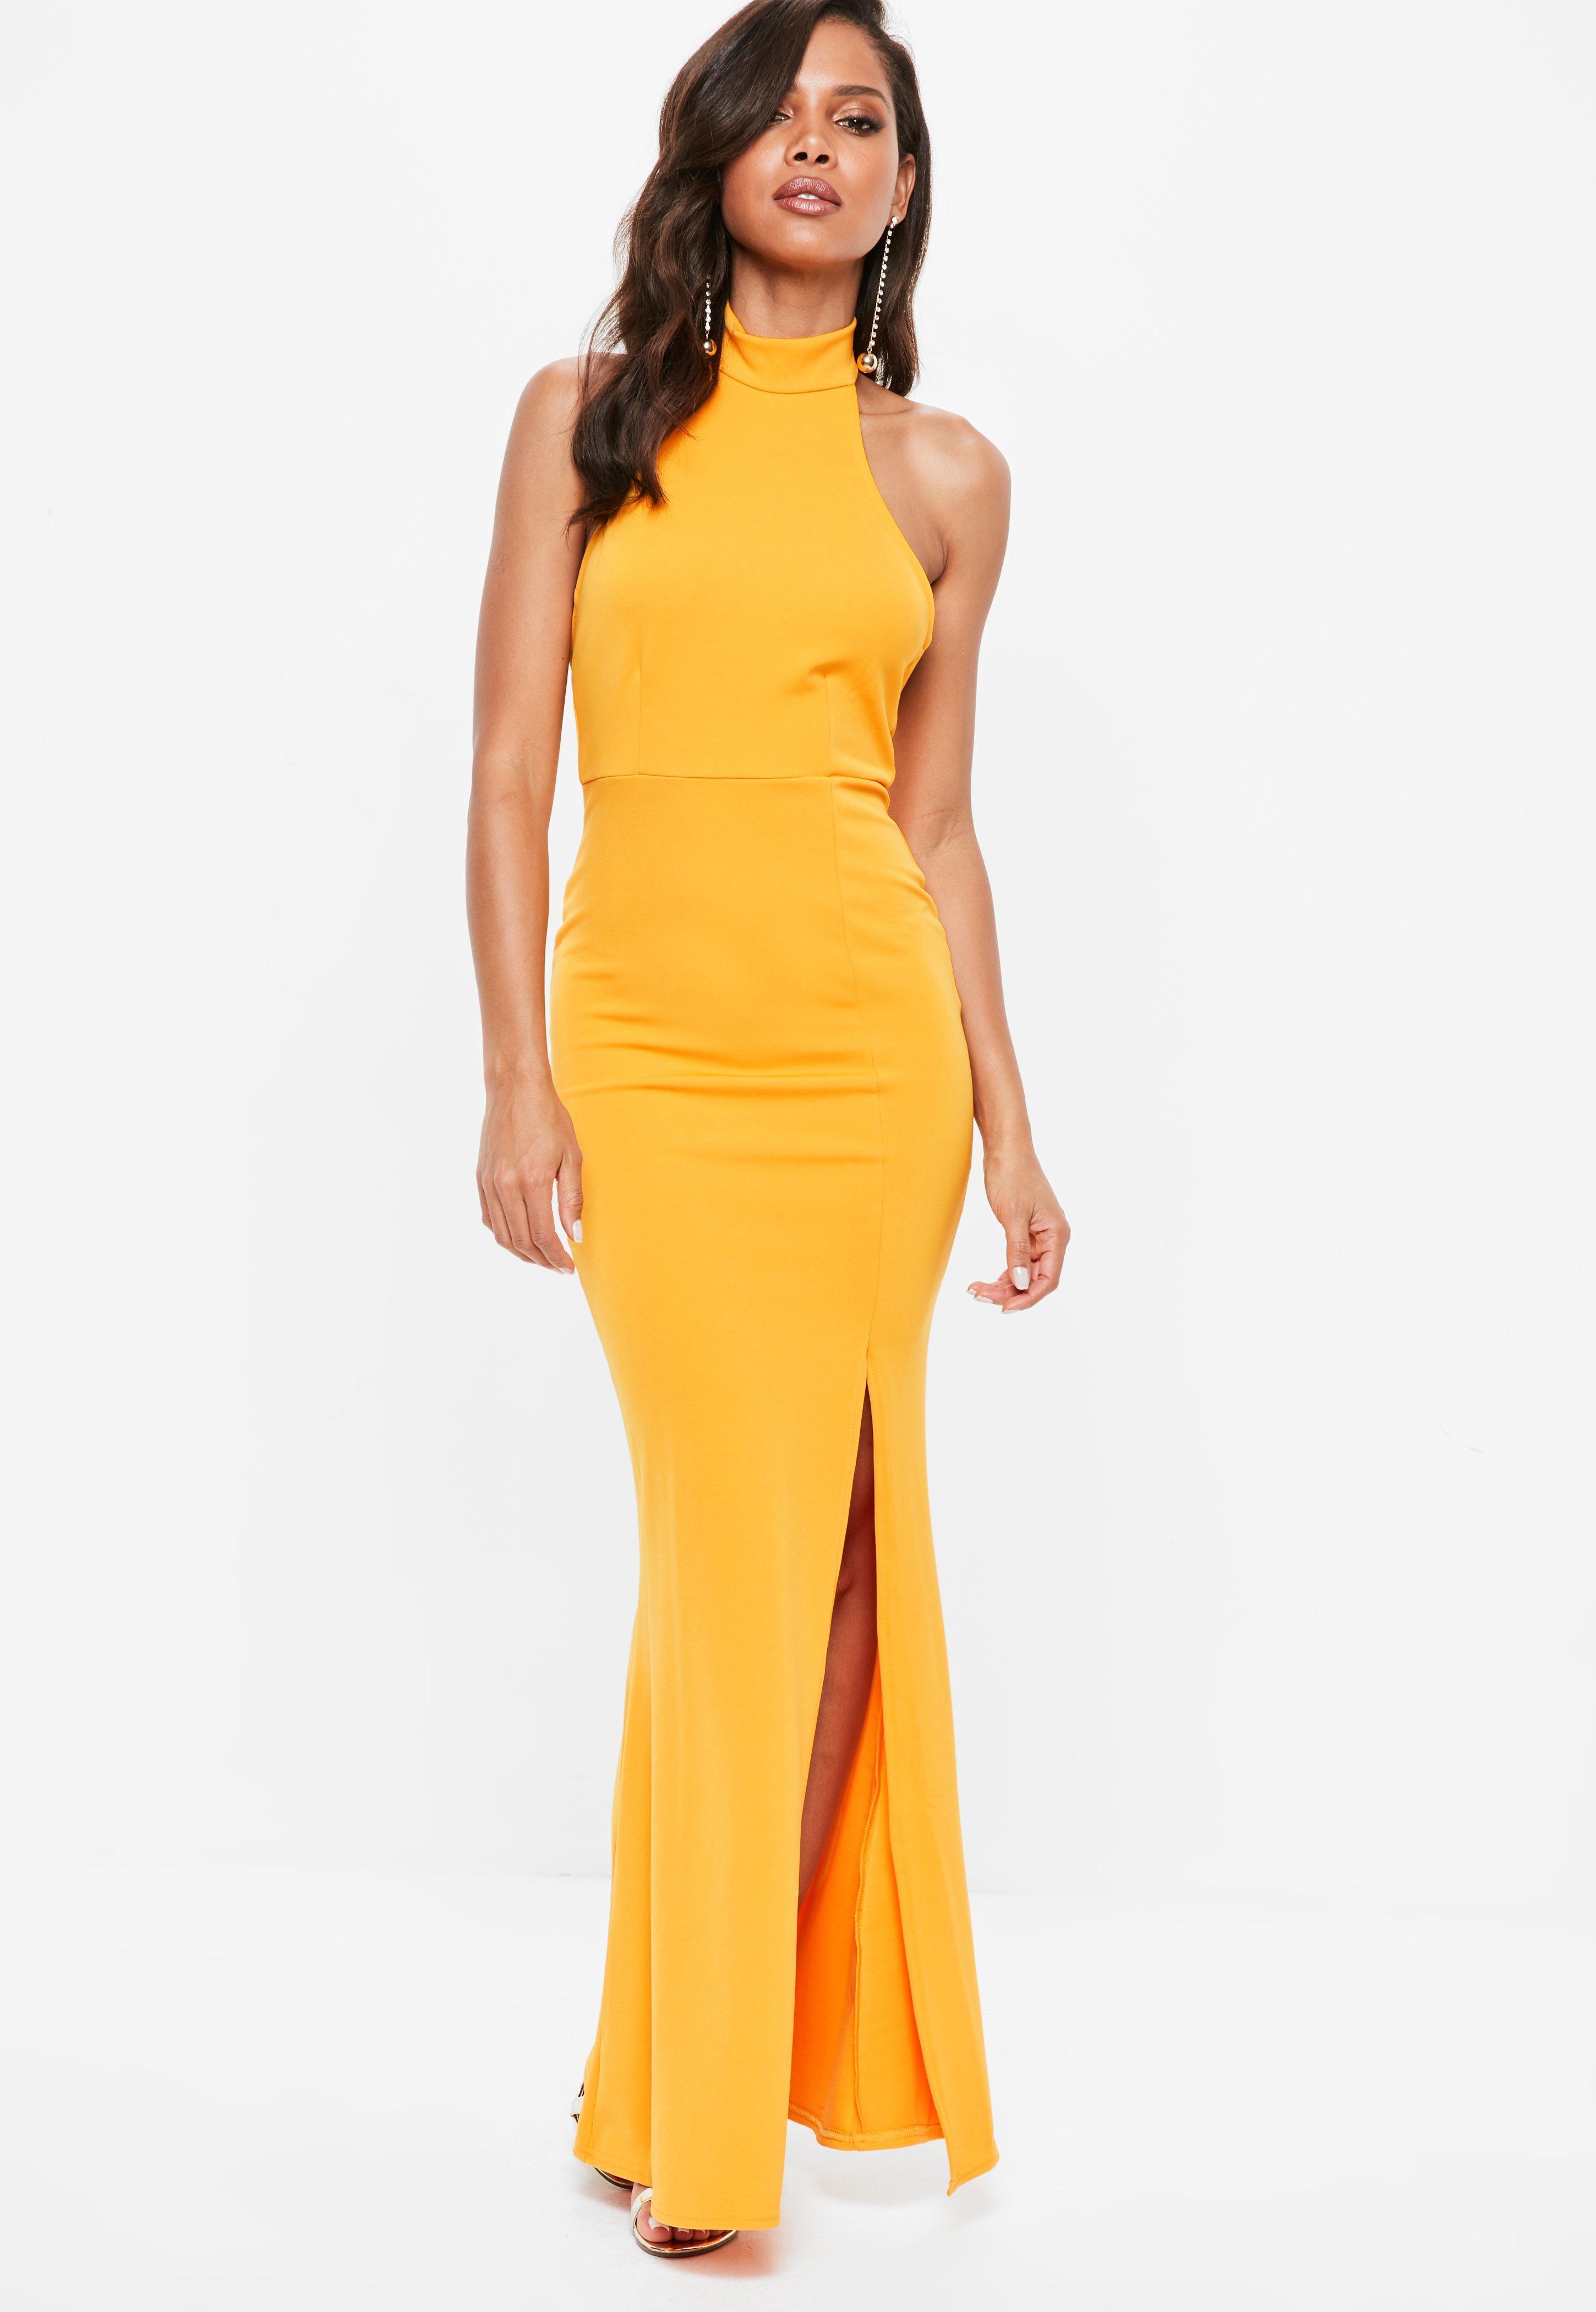 Descuento excelente Naranja Cuello Halter Vestido Maxi Paso Furtivo - 10 / Naranja I Vi Primero Calidad superior en venta SGQNkPQTV